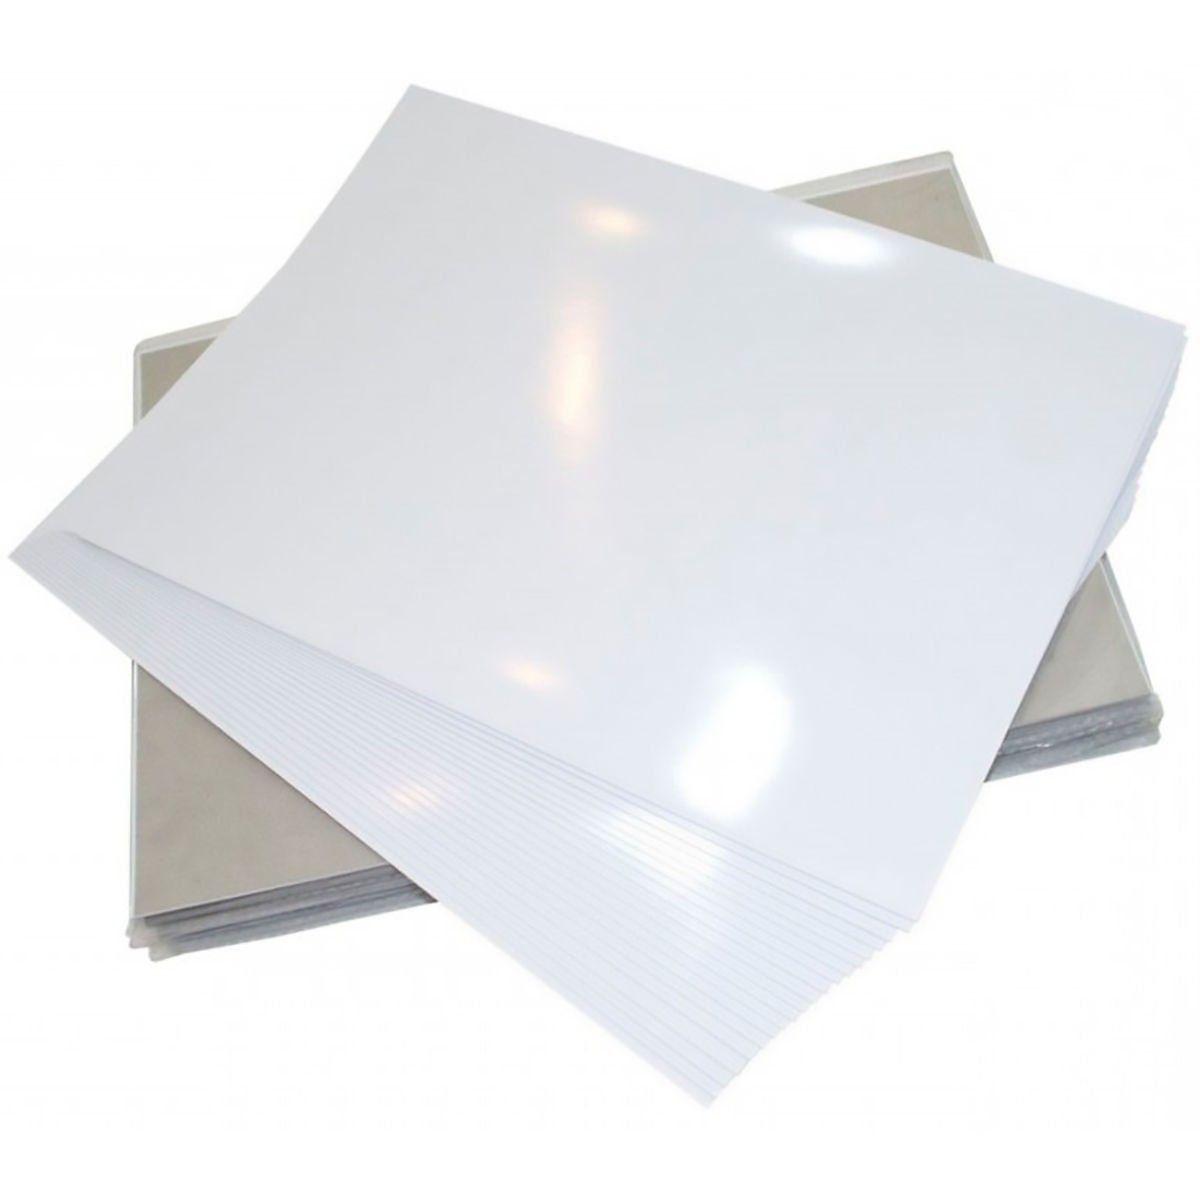 Papel Fotográfico Adesivo Glossy A4 130g Branco Brilhante Resistente à Água / 20 folhas